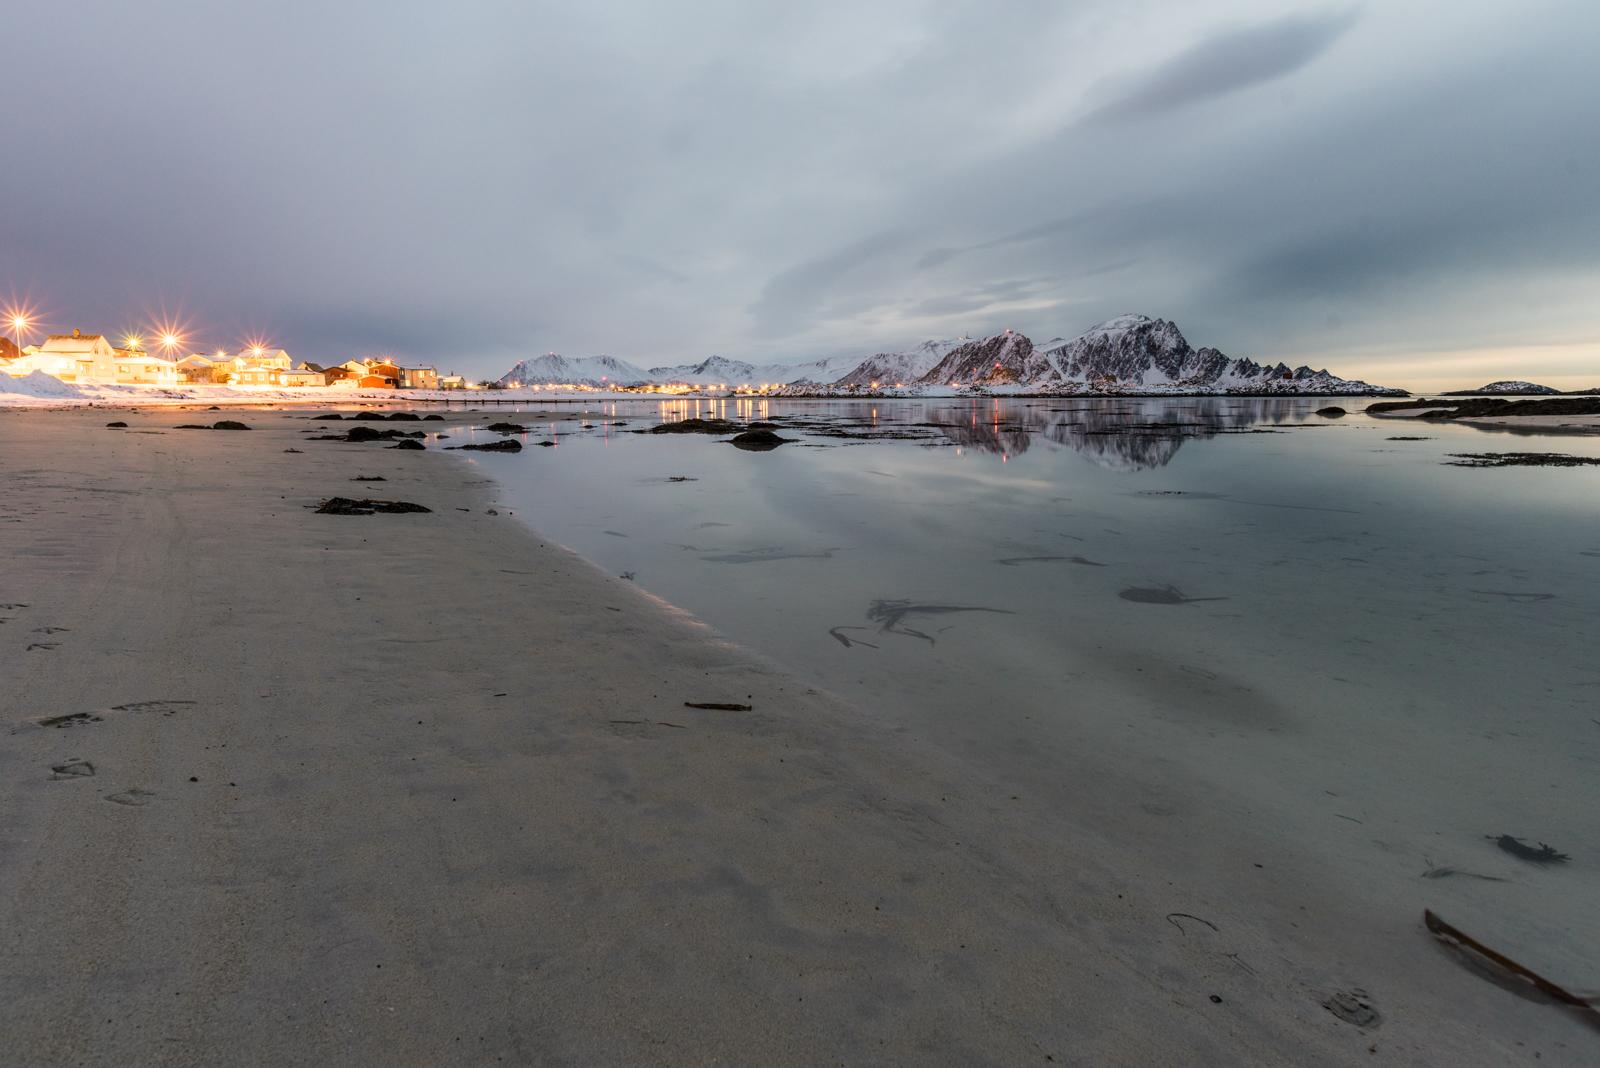 Spiaggia di Andenes con case illuminate poco dopo il tramonto